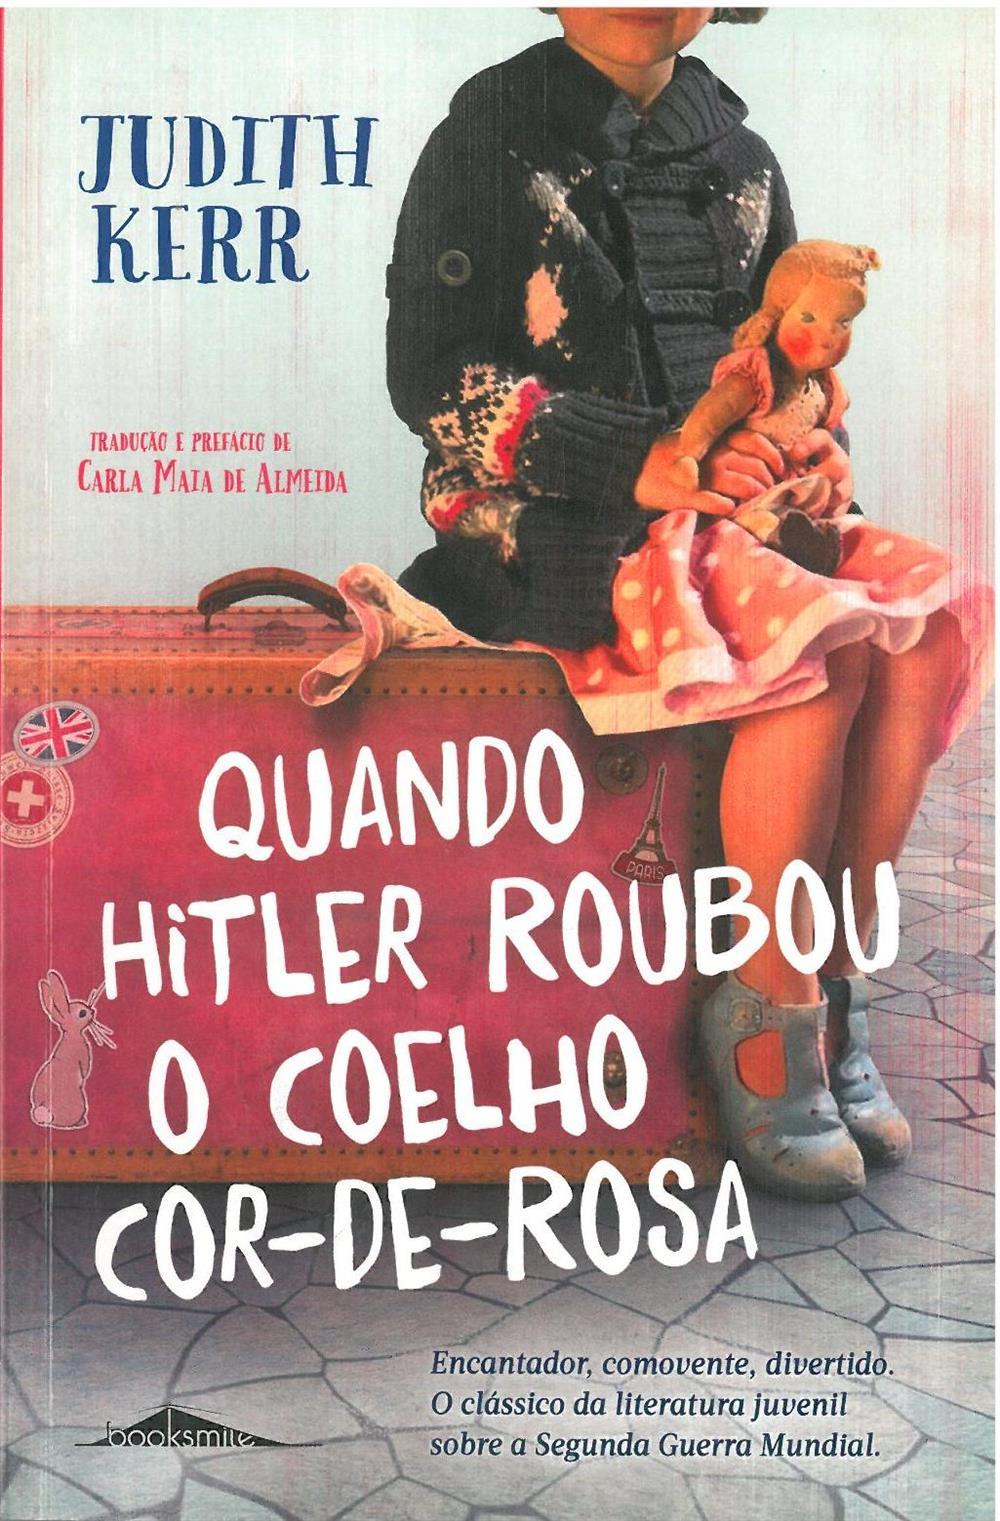 Quando Hitler roubou o coelho cor-de-rosa_.jpg